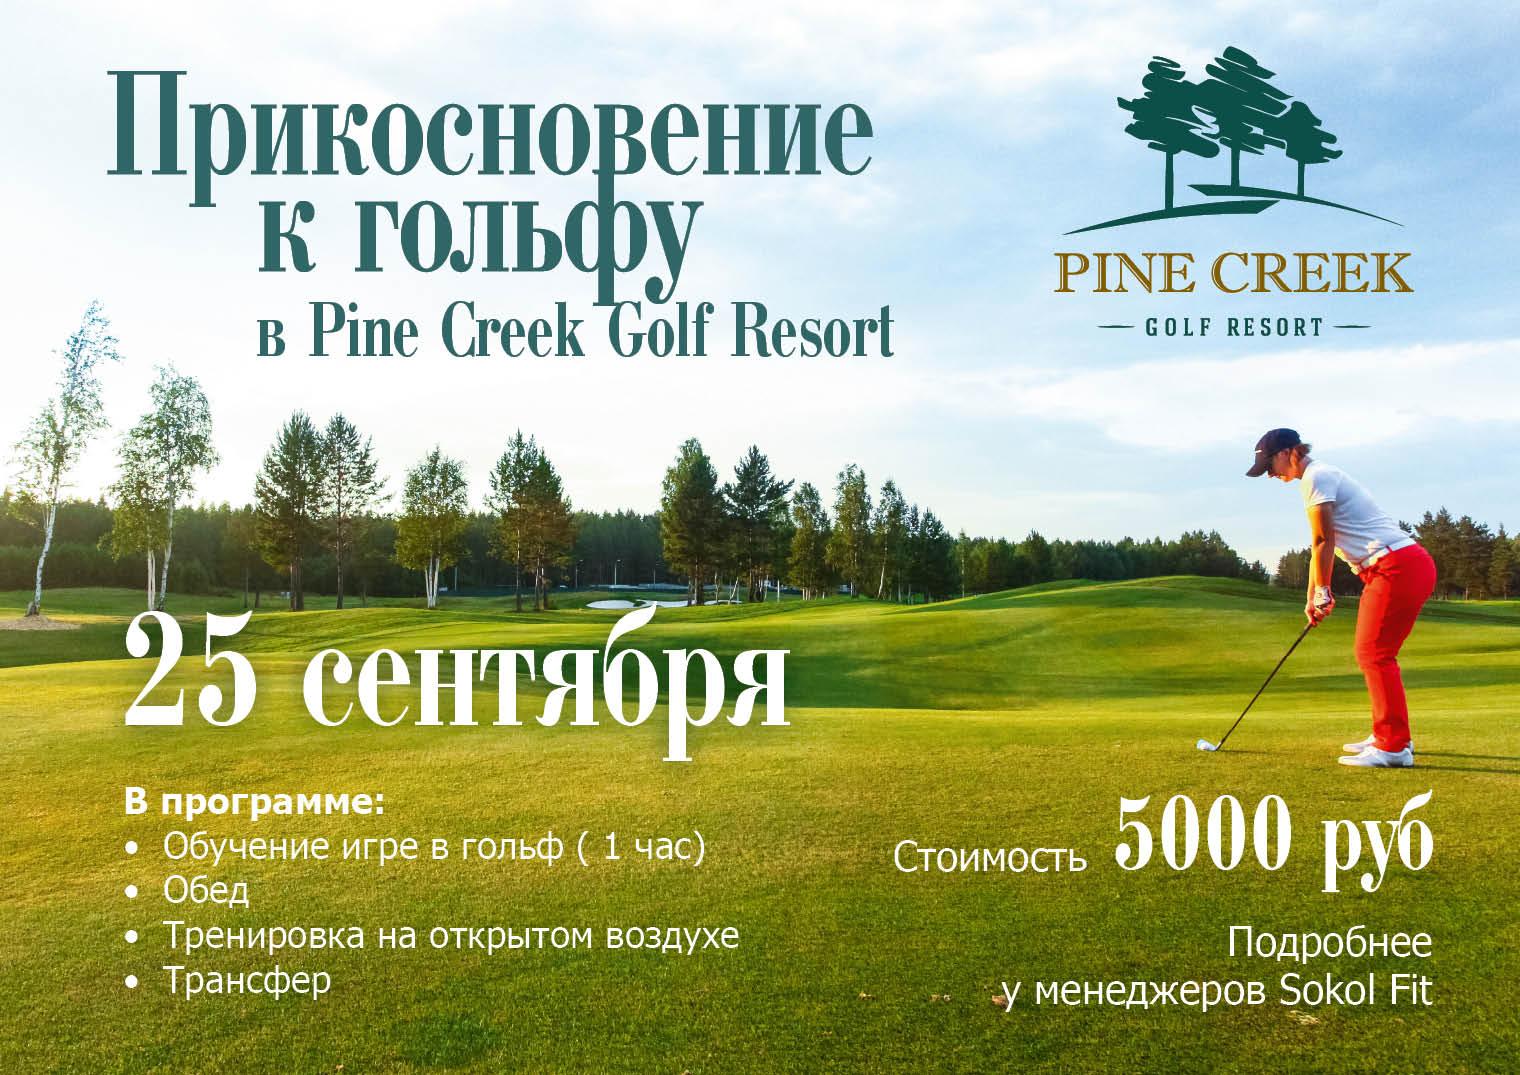 Игра в гольф!